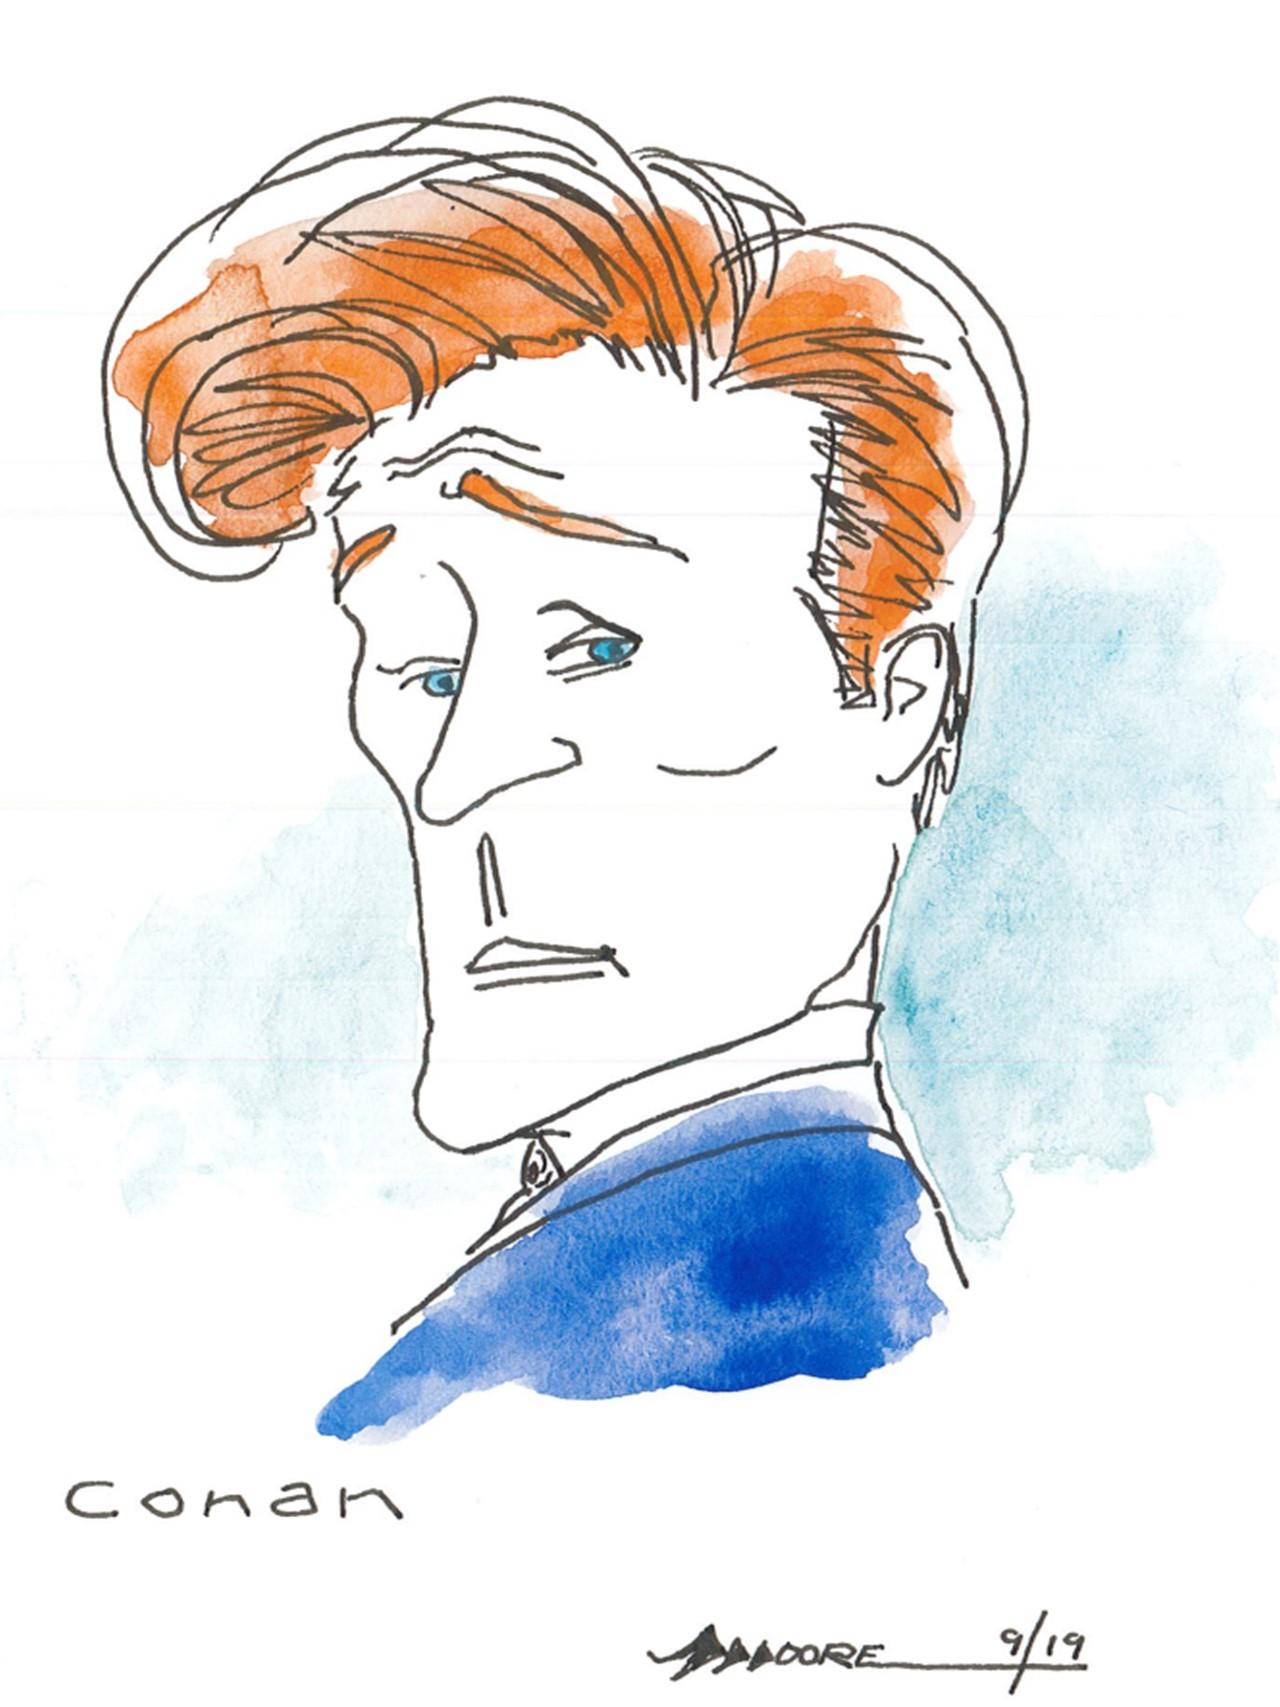 FMB(Conan)1